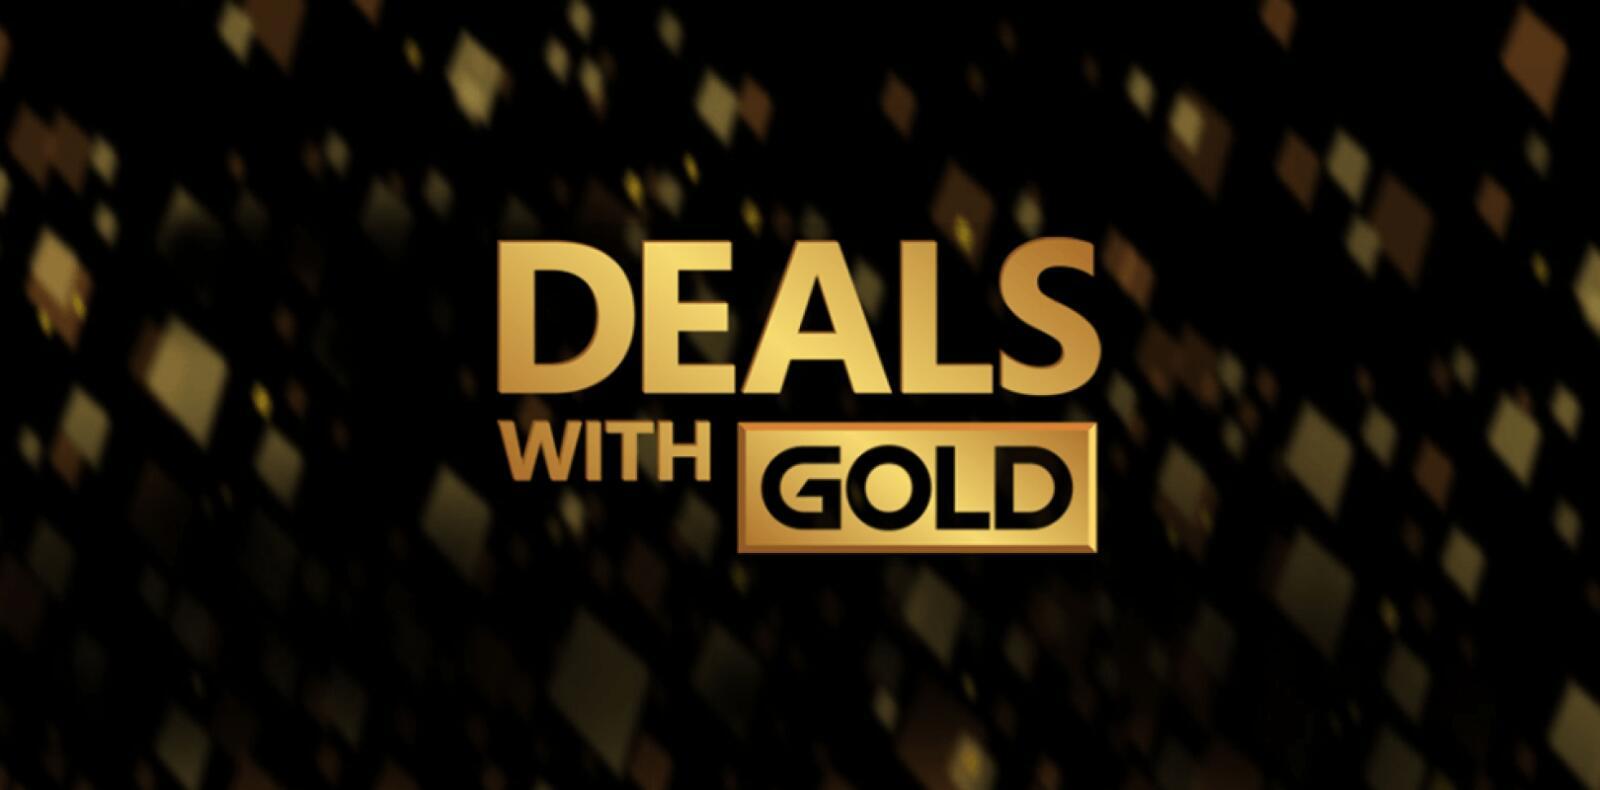 Xbox: Deals With Gold semana del 18 al 25 de mayo de 2021